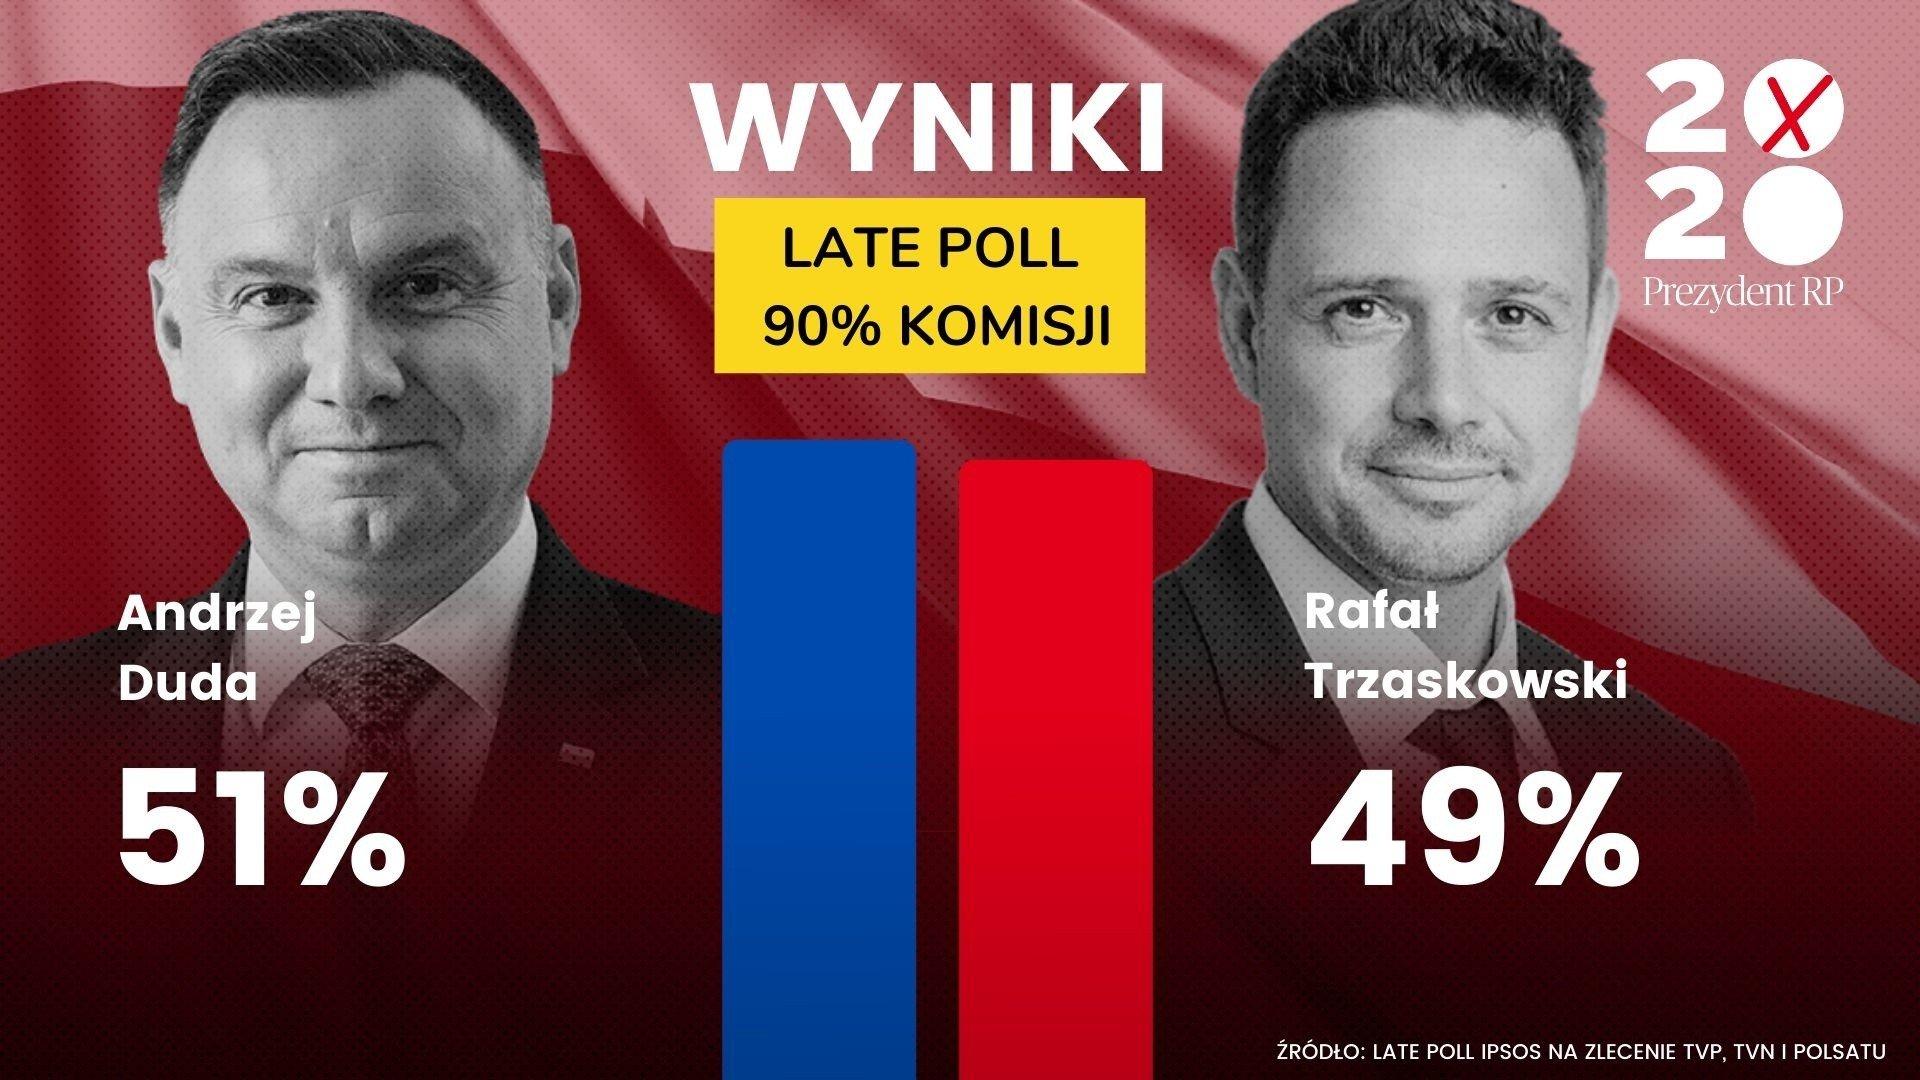 Wyniki wyborów prezydenckich 2020 LATE POLL: Andrzej Duda ...